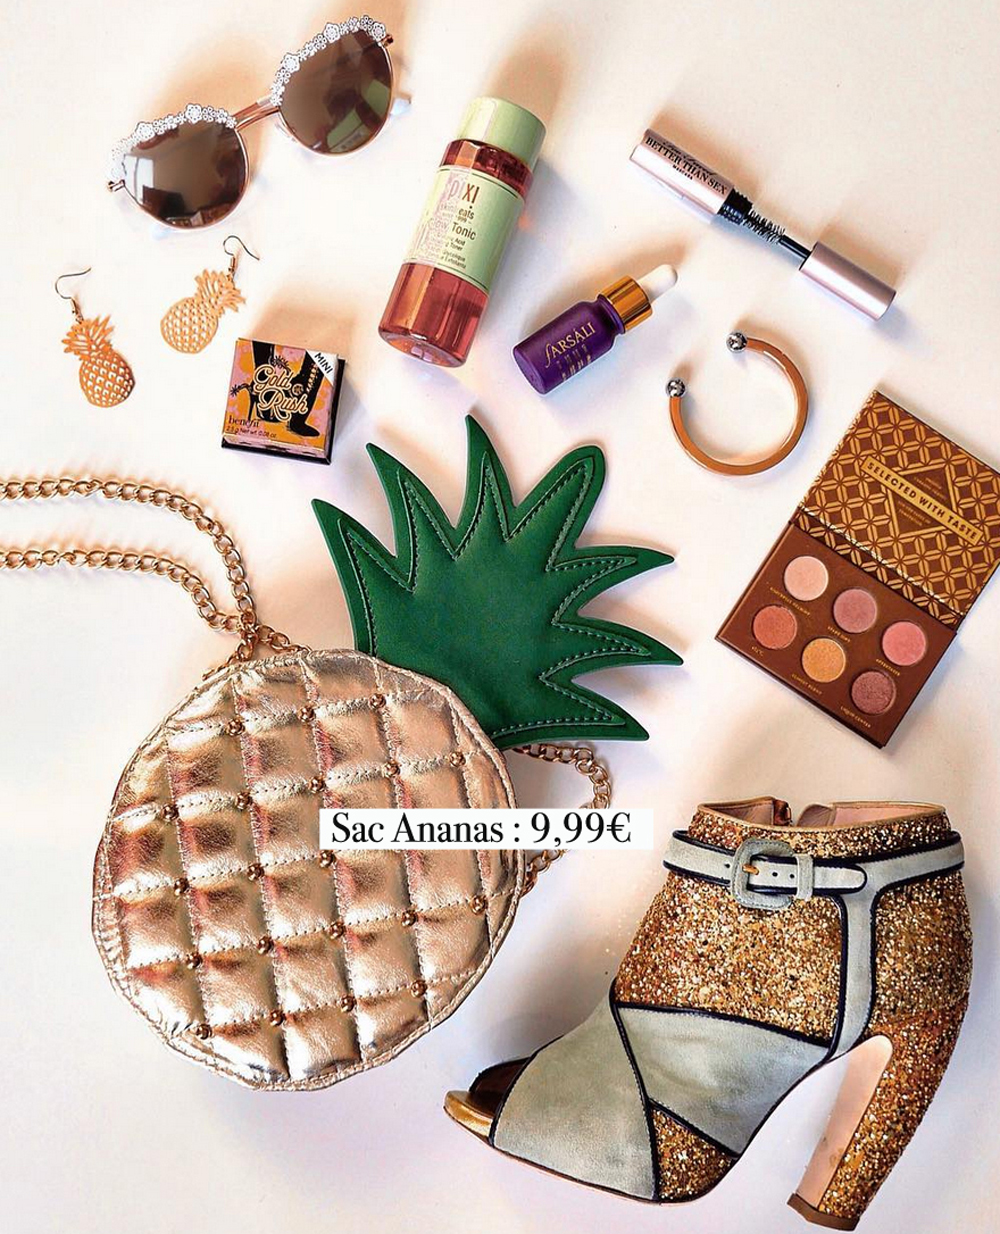 sac-ananas